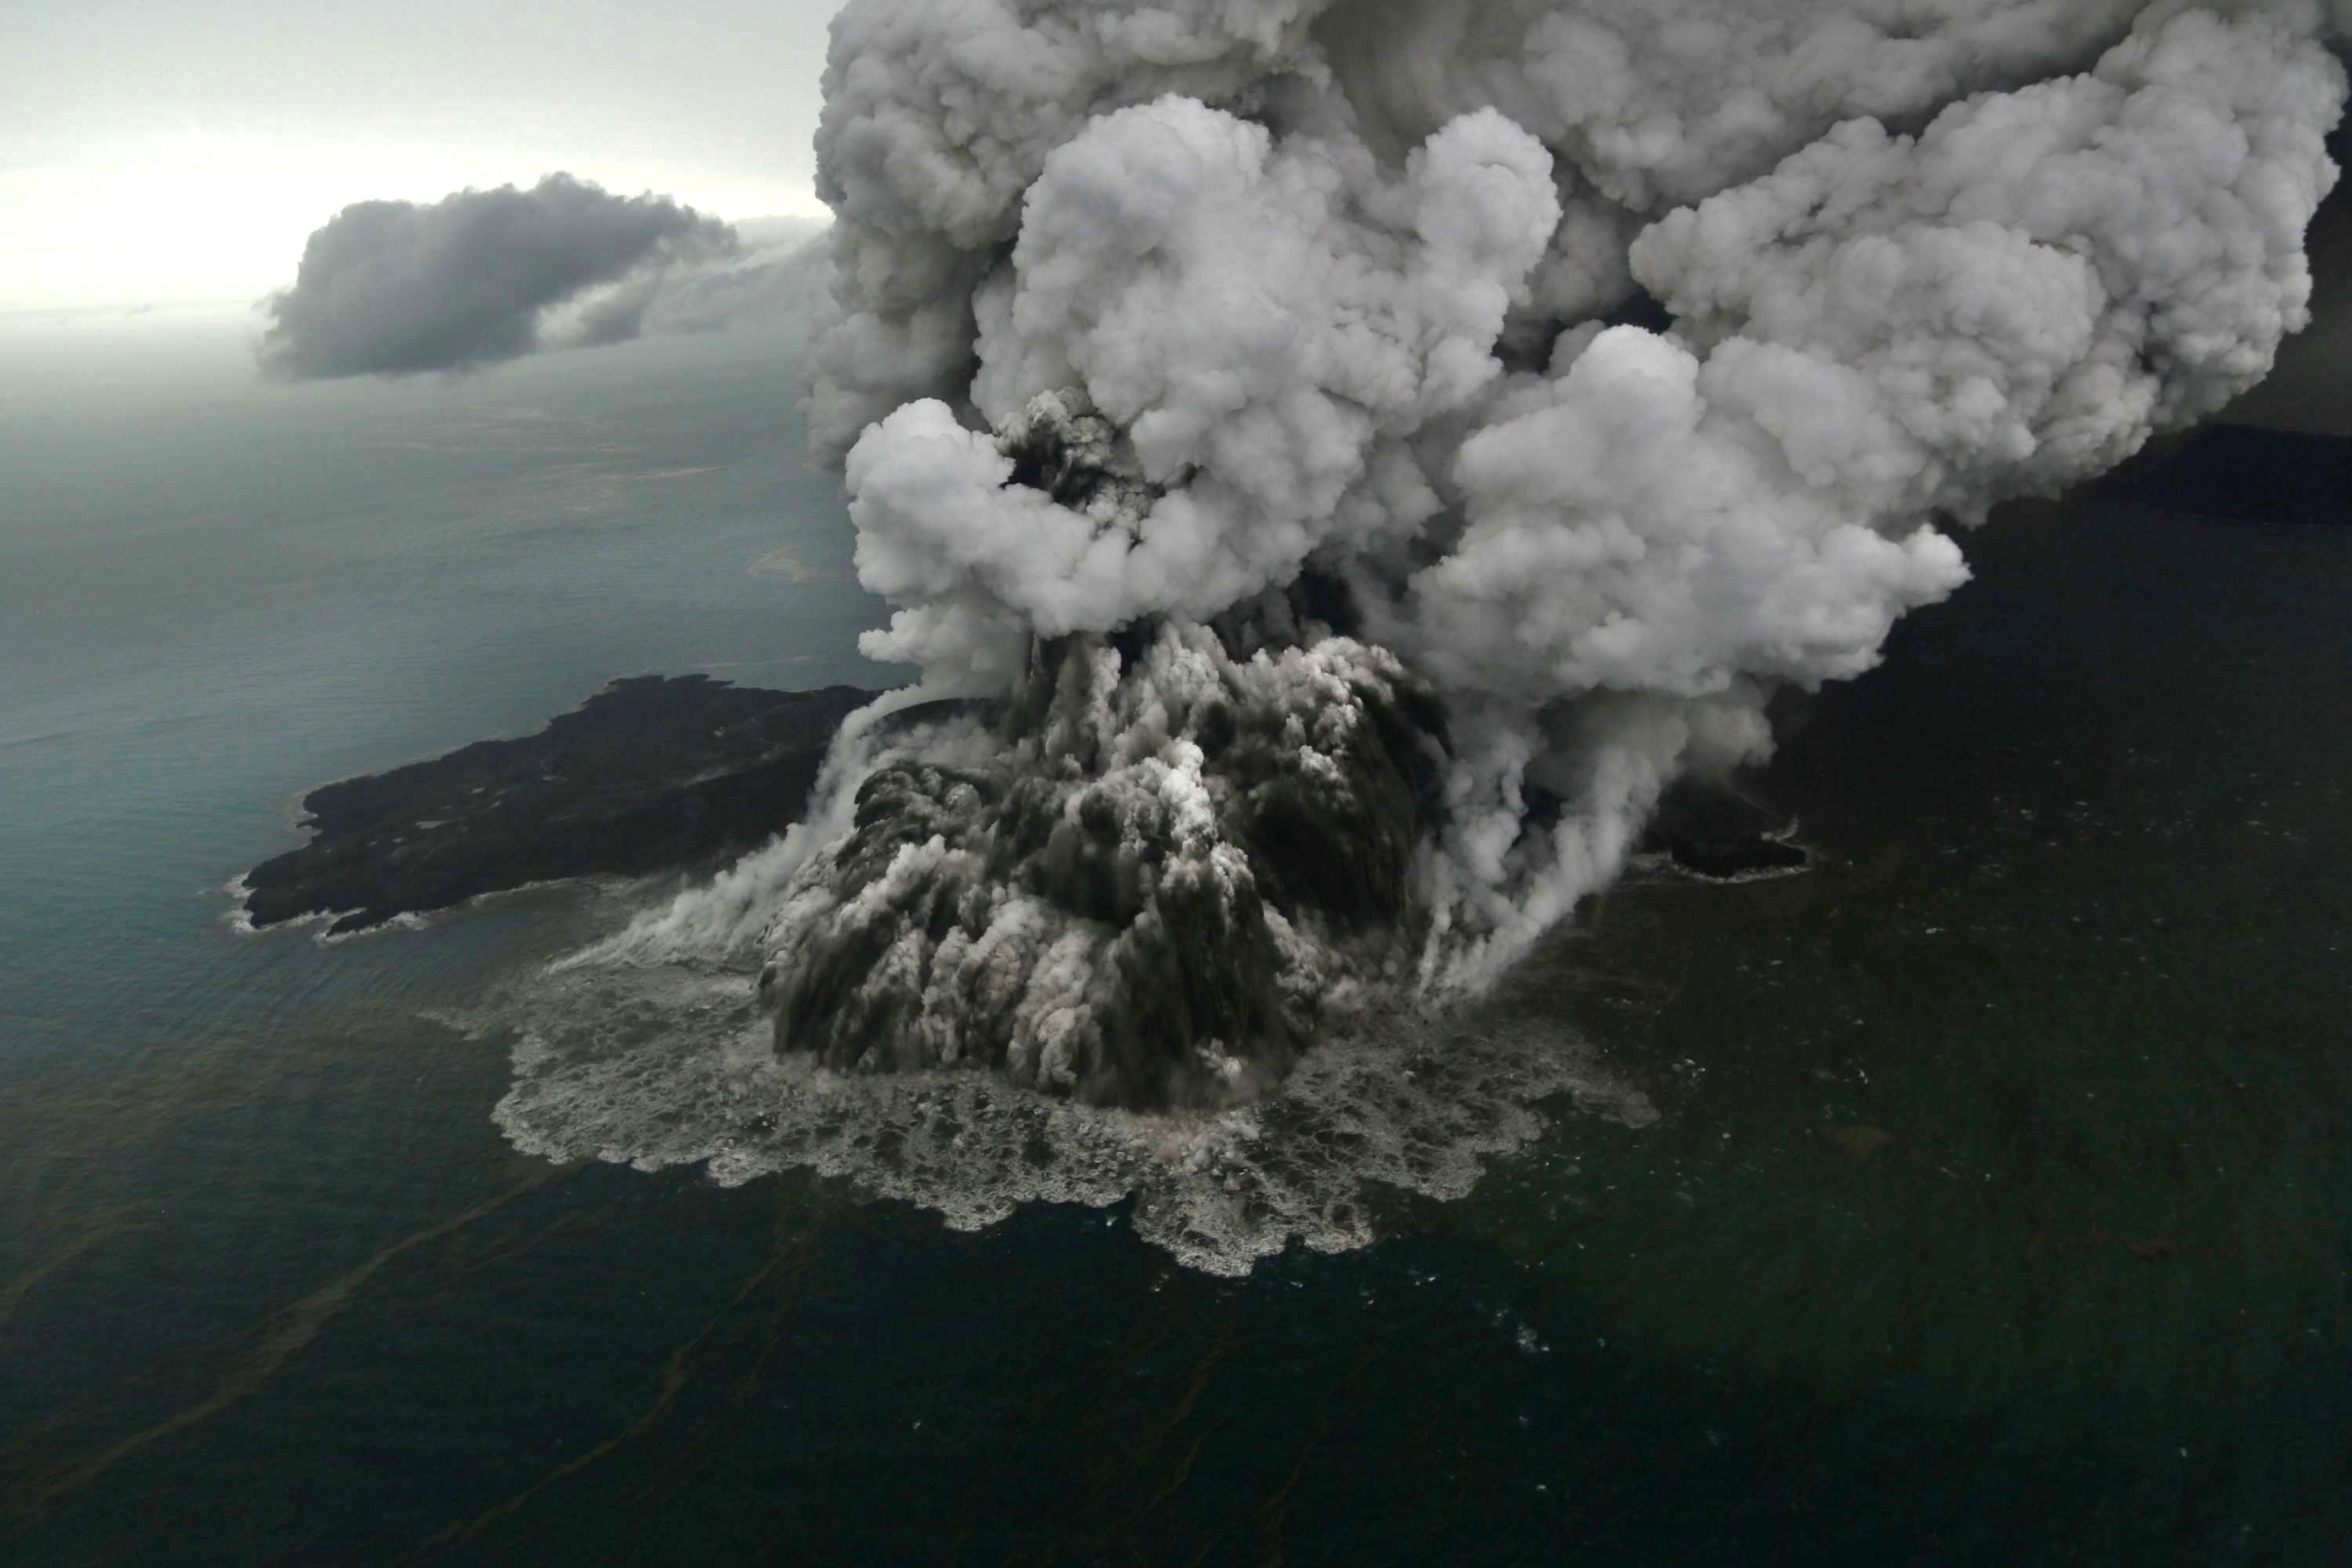 印尼火山噴發引發海嘯後 高度減縮三分之二